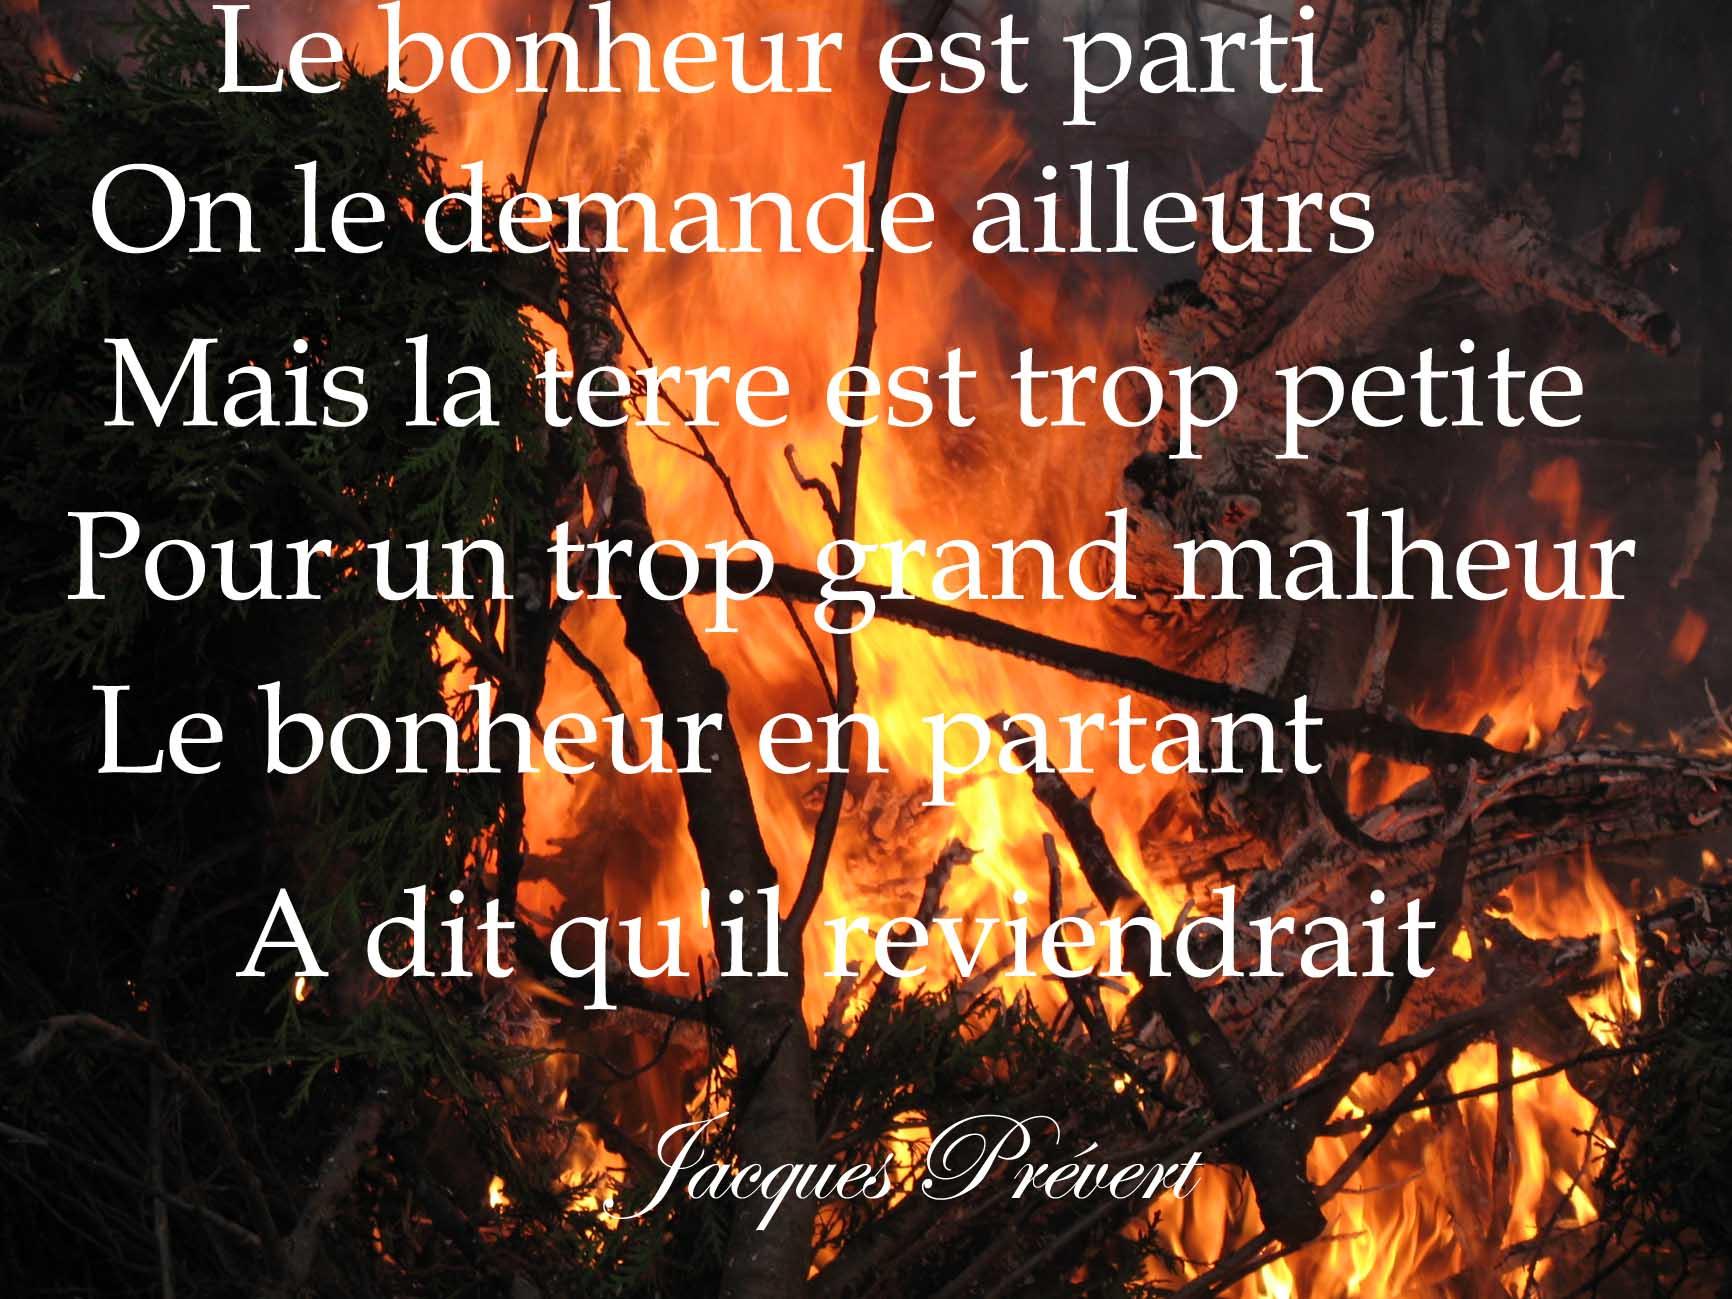 Le bonheur d'aprés Jacques Prévert